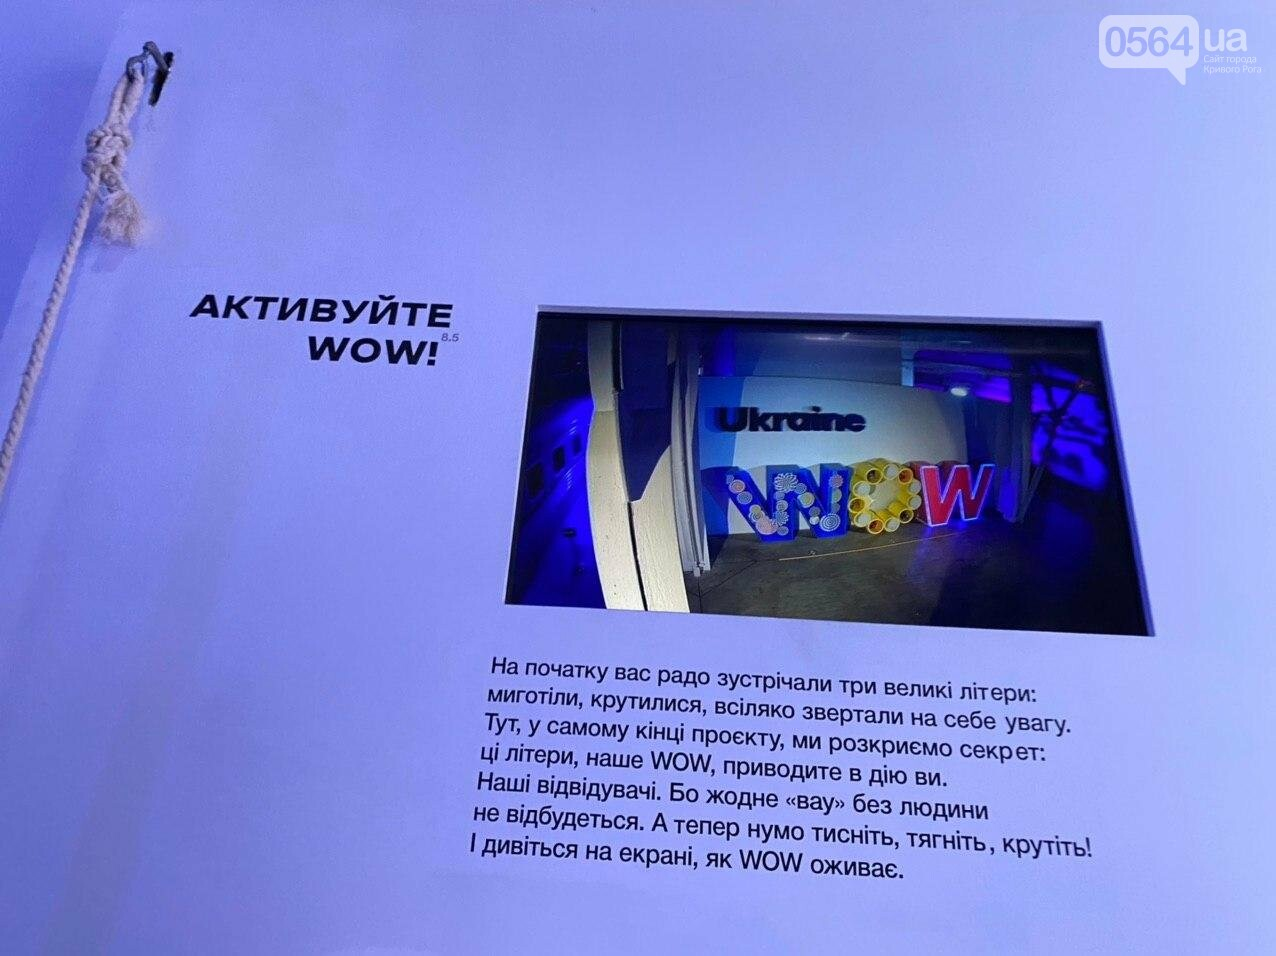 Ukraine WOW: что можно было узнать о Кривом Роге на интерактивной выставке, - ФОТО , фото-143